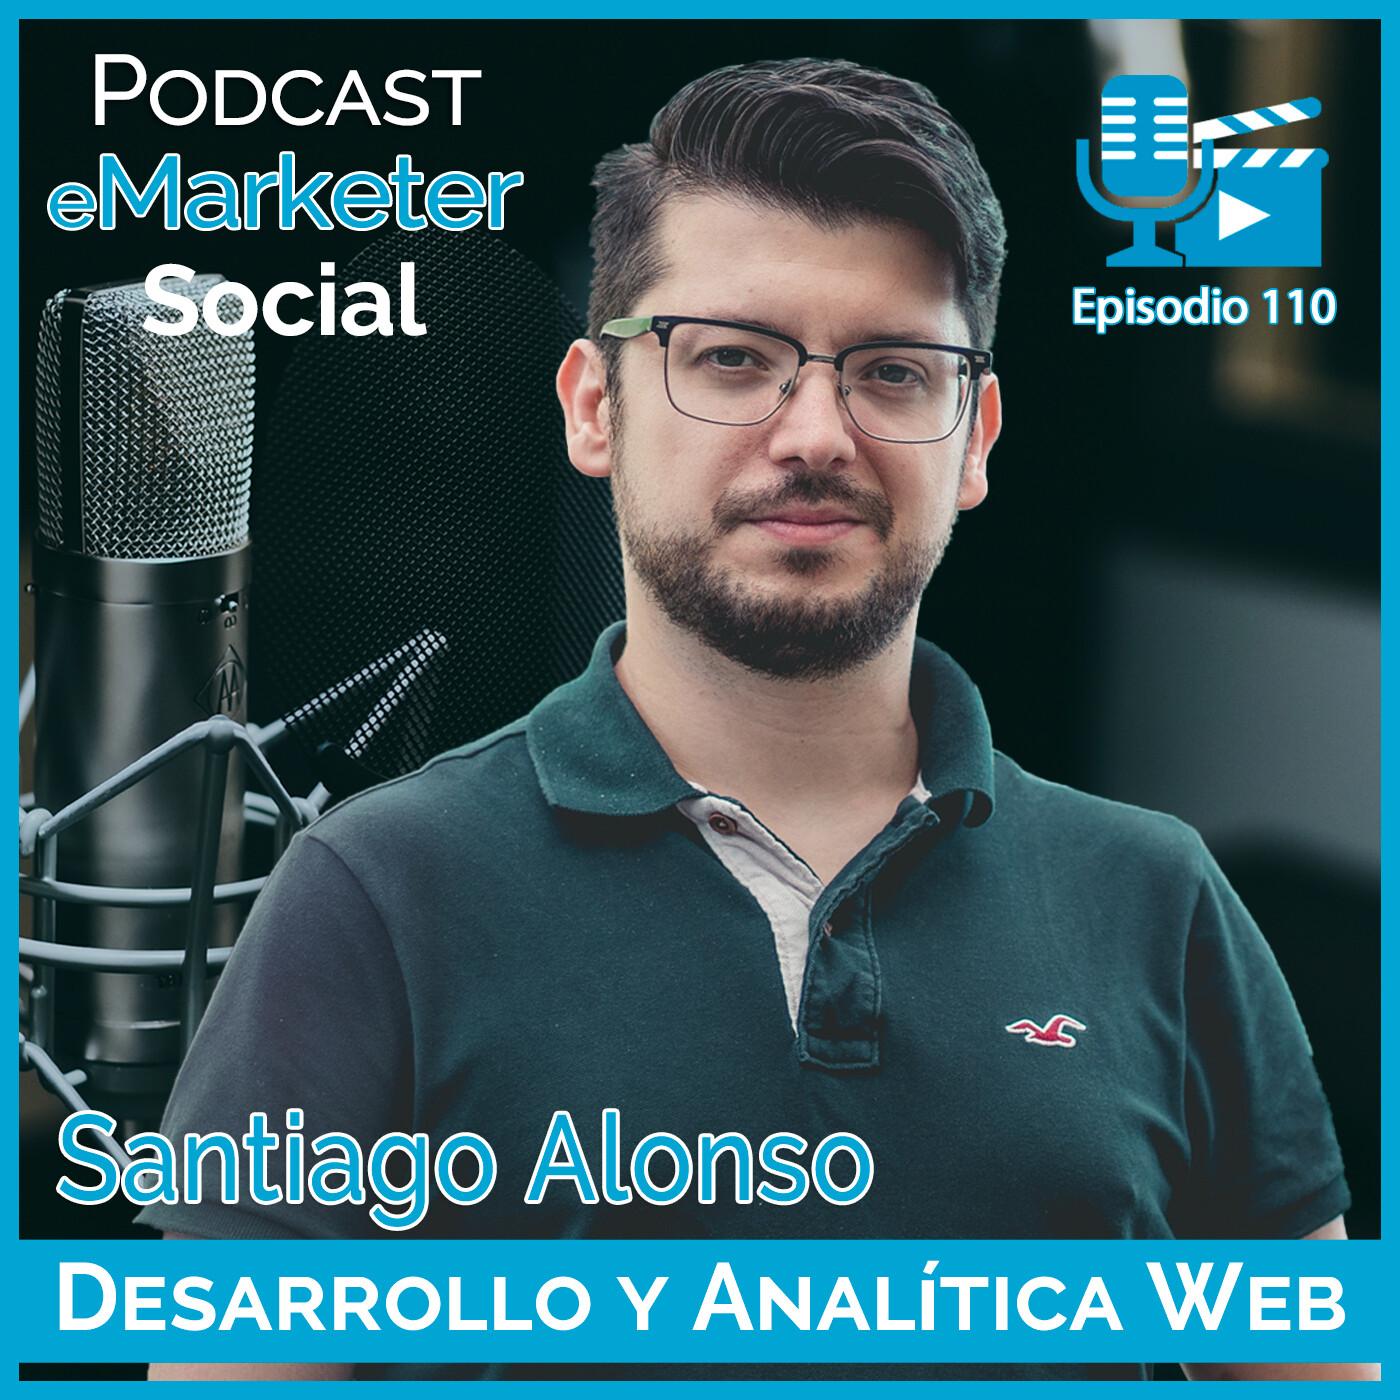 110 Santiago Alonso desarrollador y analista web en Podcast eMarketerSocial